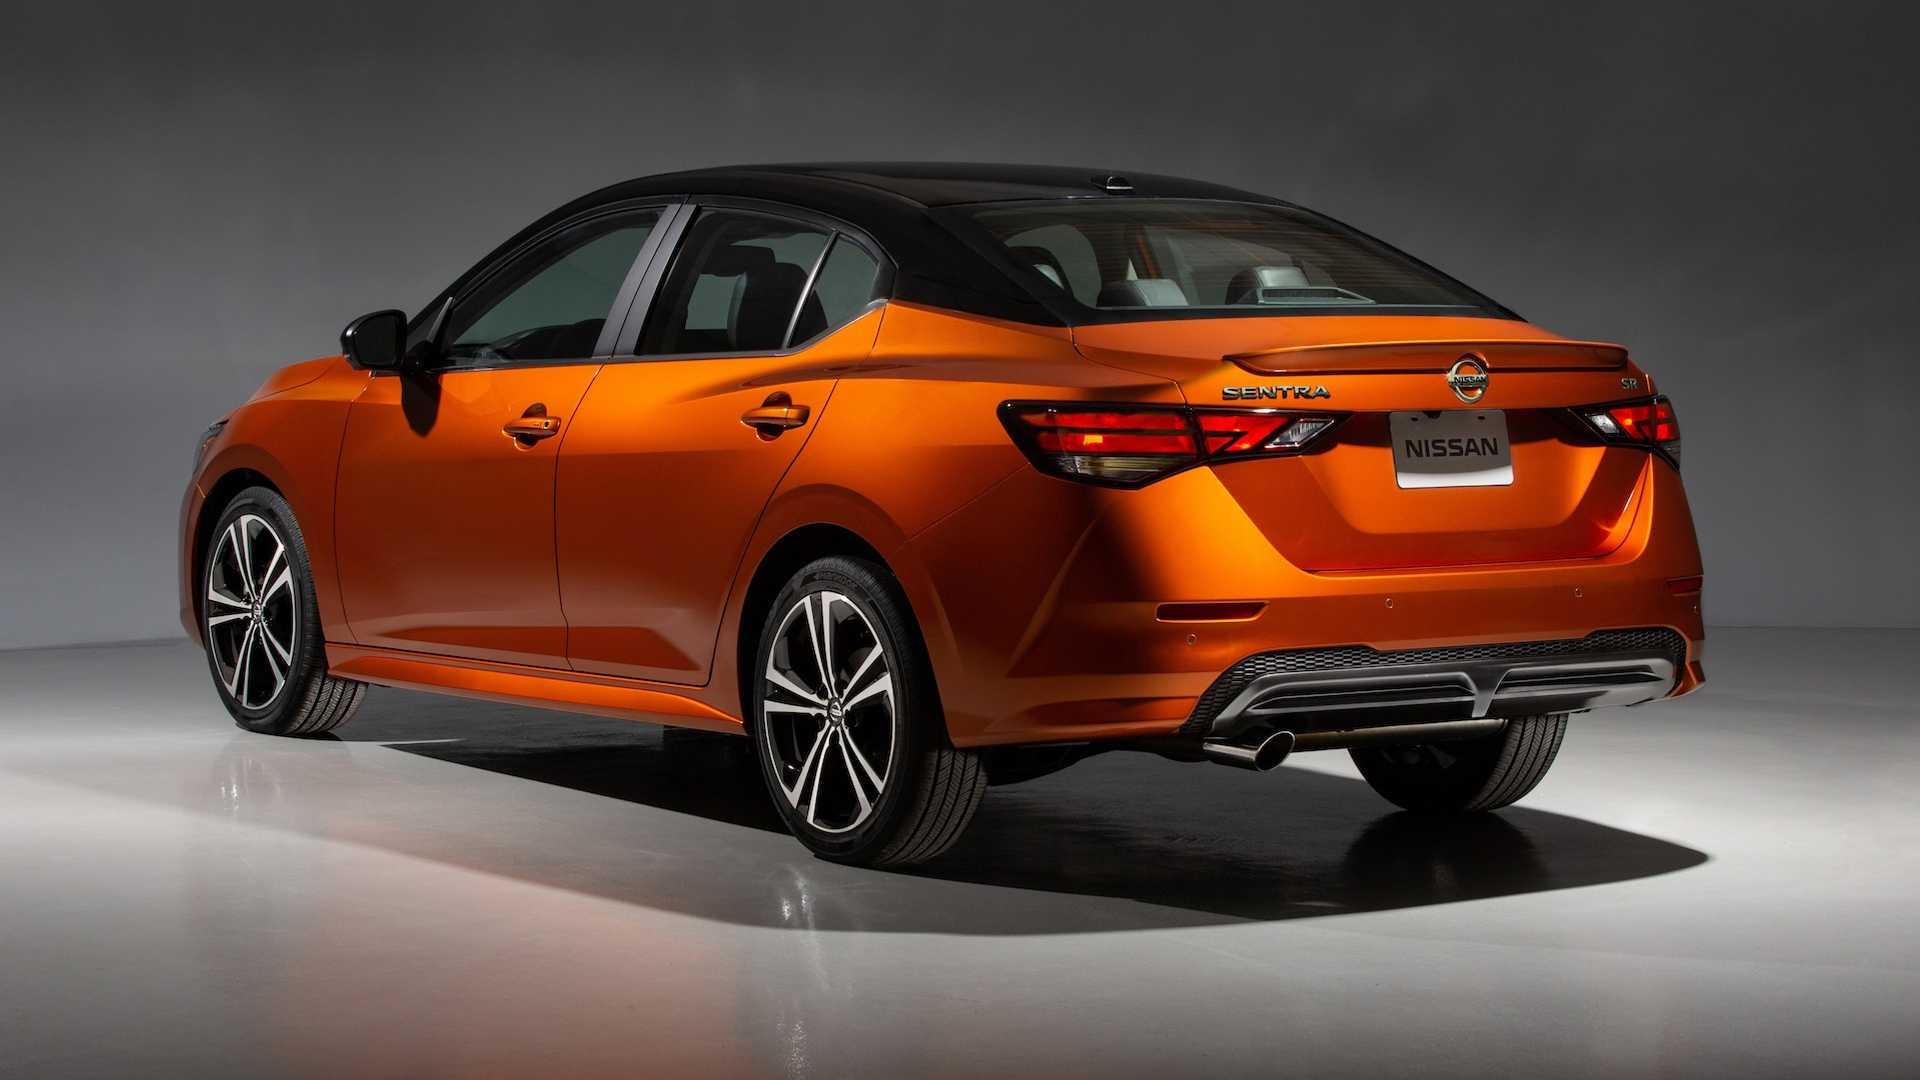 Nissan Sentra thế hệ mới đối đầu trực tiếp với Honda Civic hay Mazda3 -